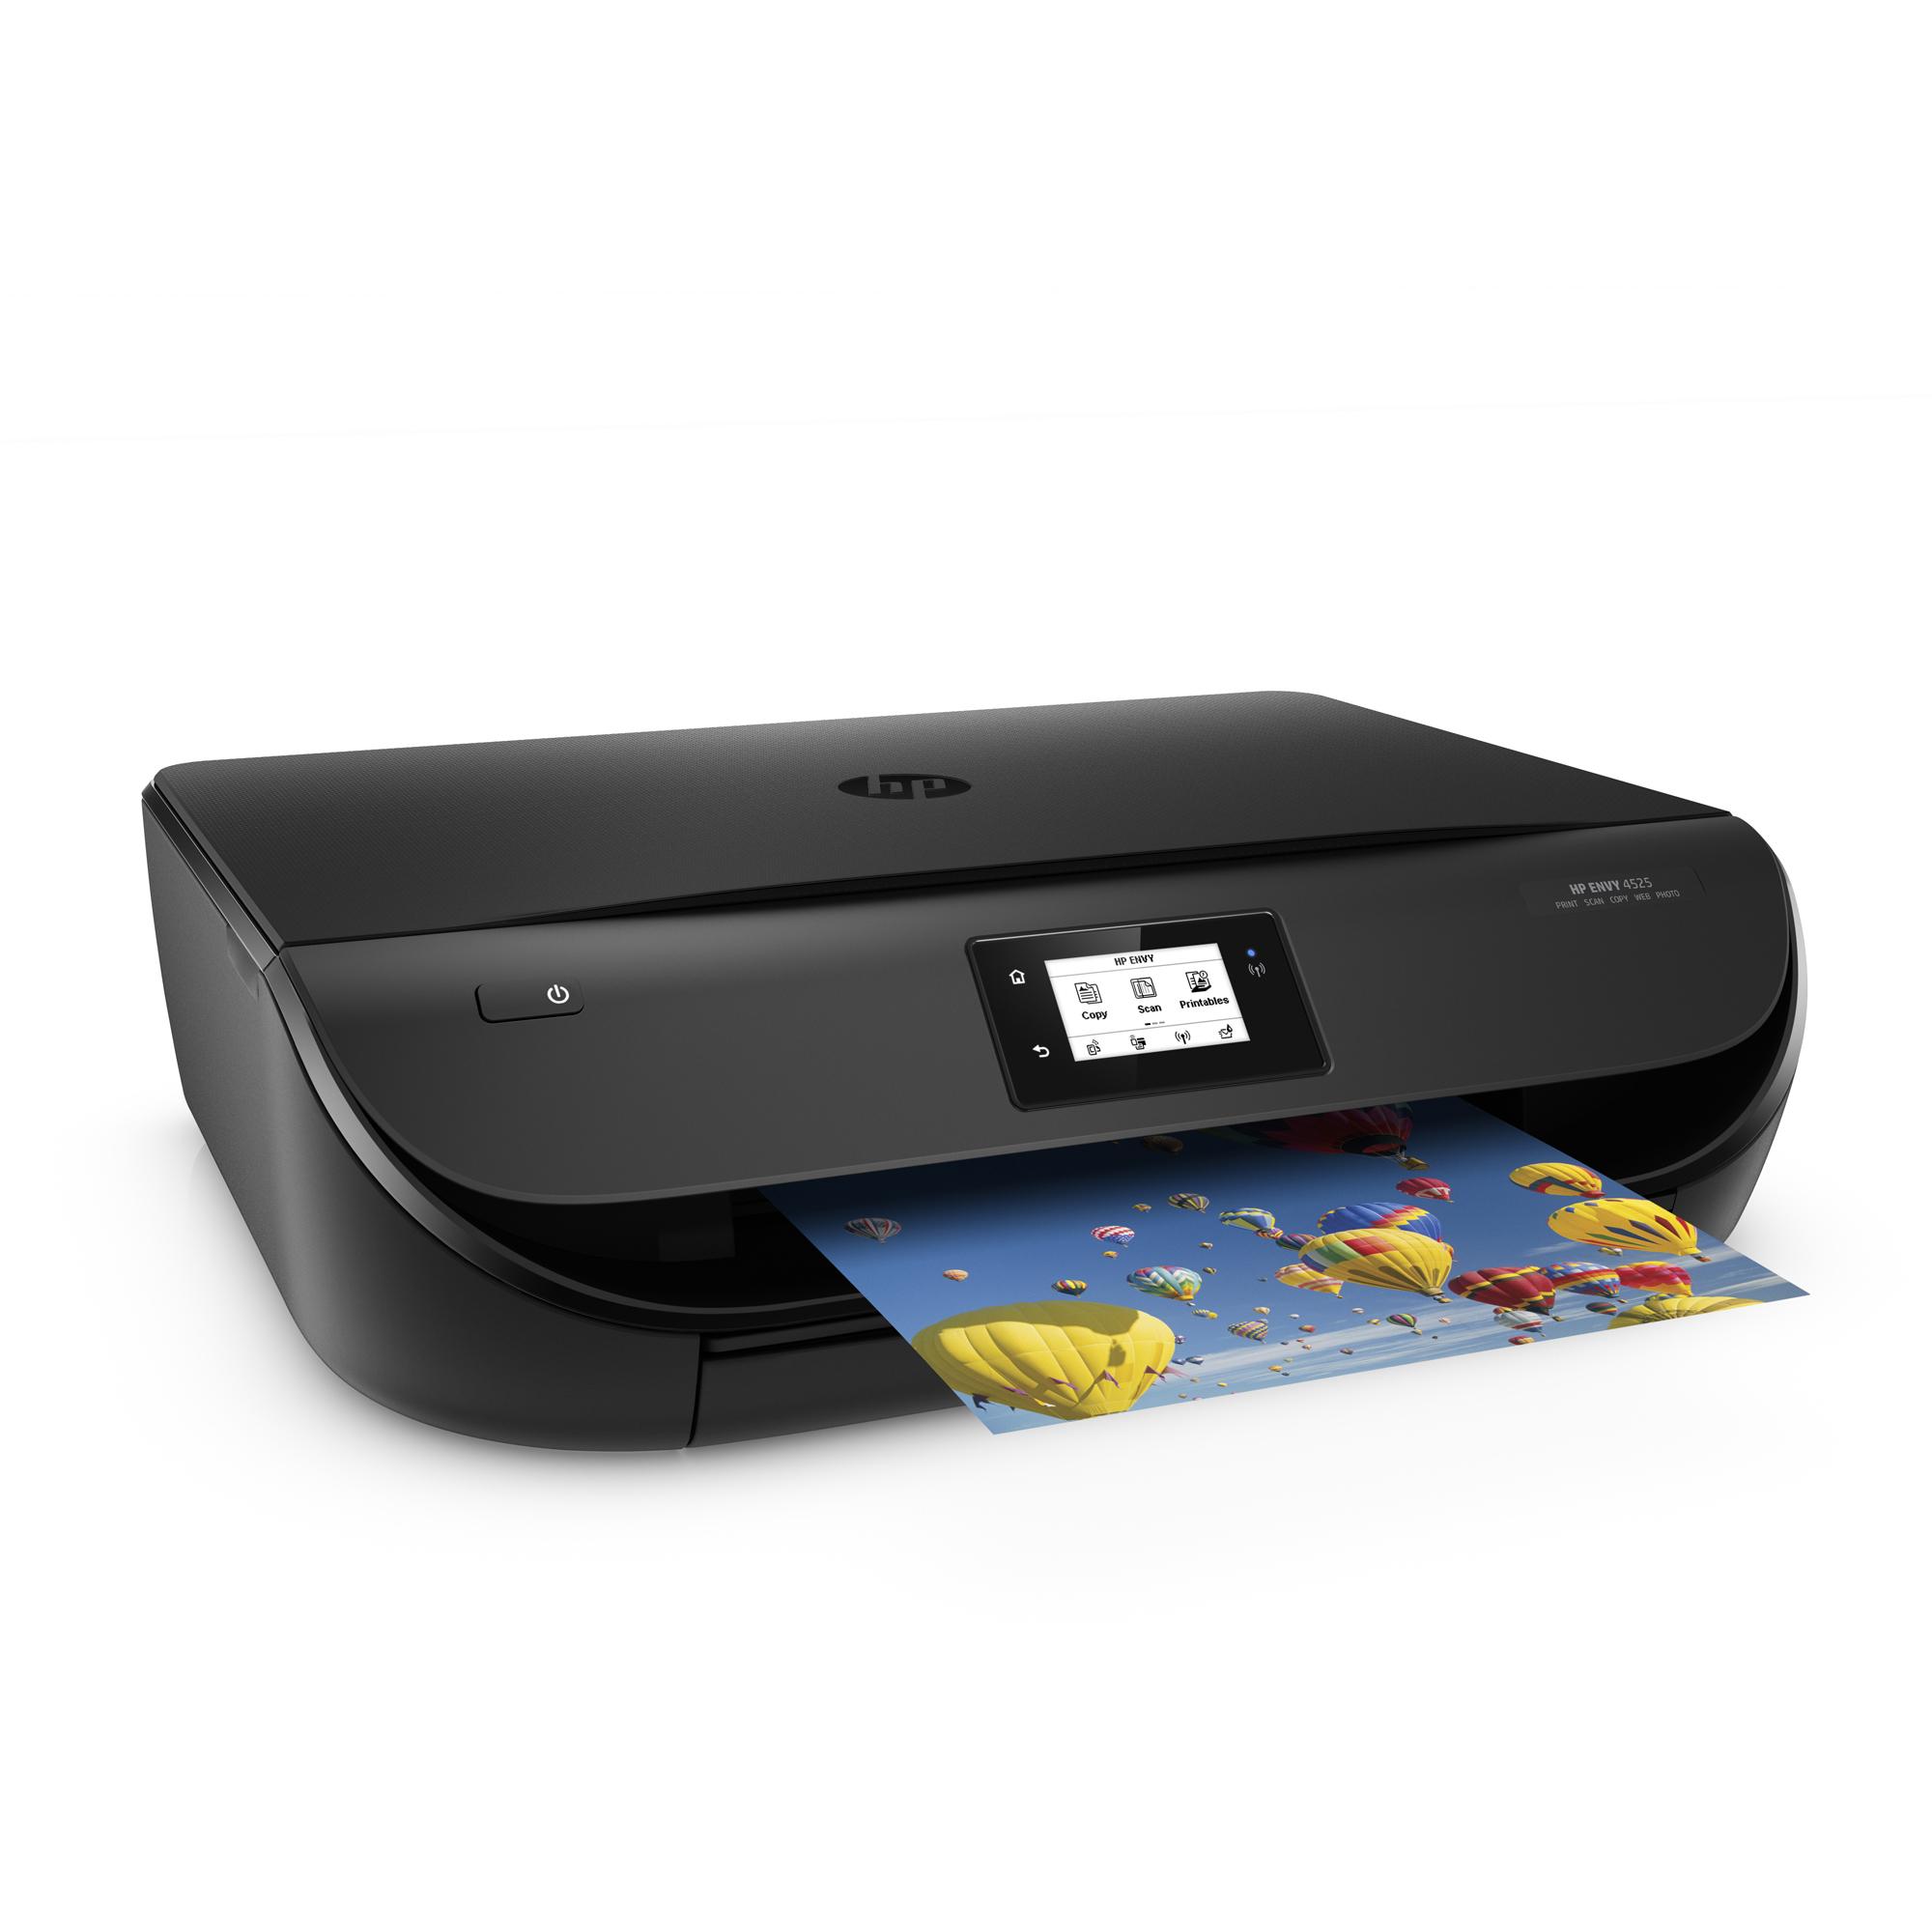 HP ENVY 4521 Tintenstrahl-Multifunktionsdrucker: Drucken, Scannen, Kopieren, drahtlos (auch mobiles Drucken) für 55€ @NBB.de